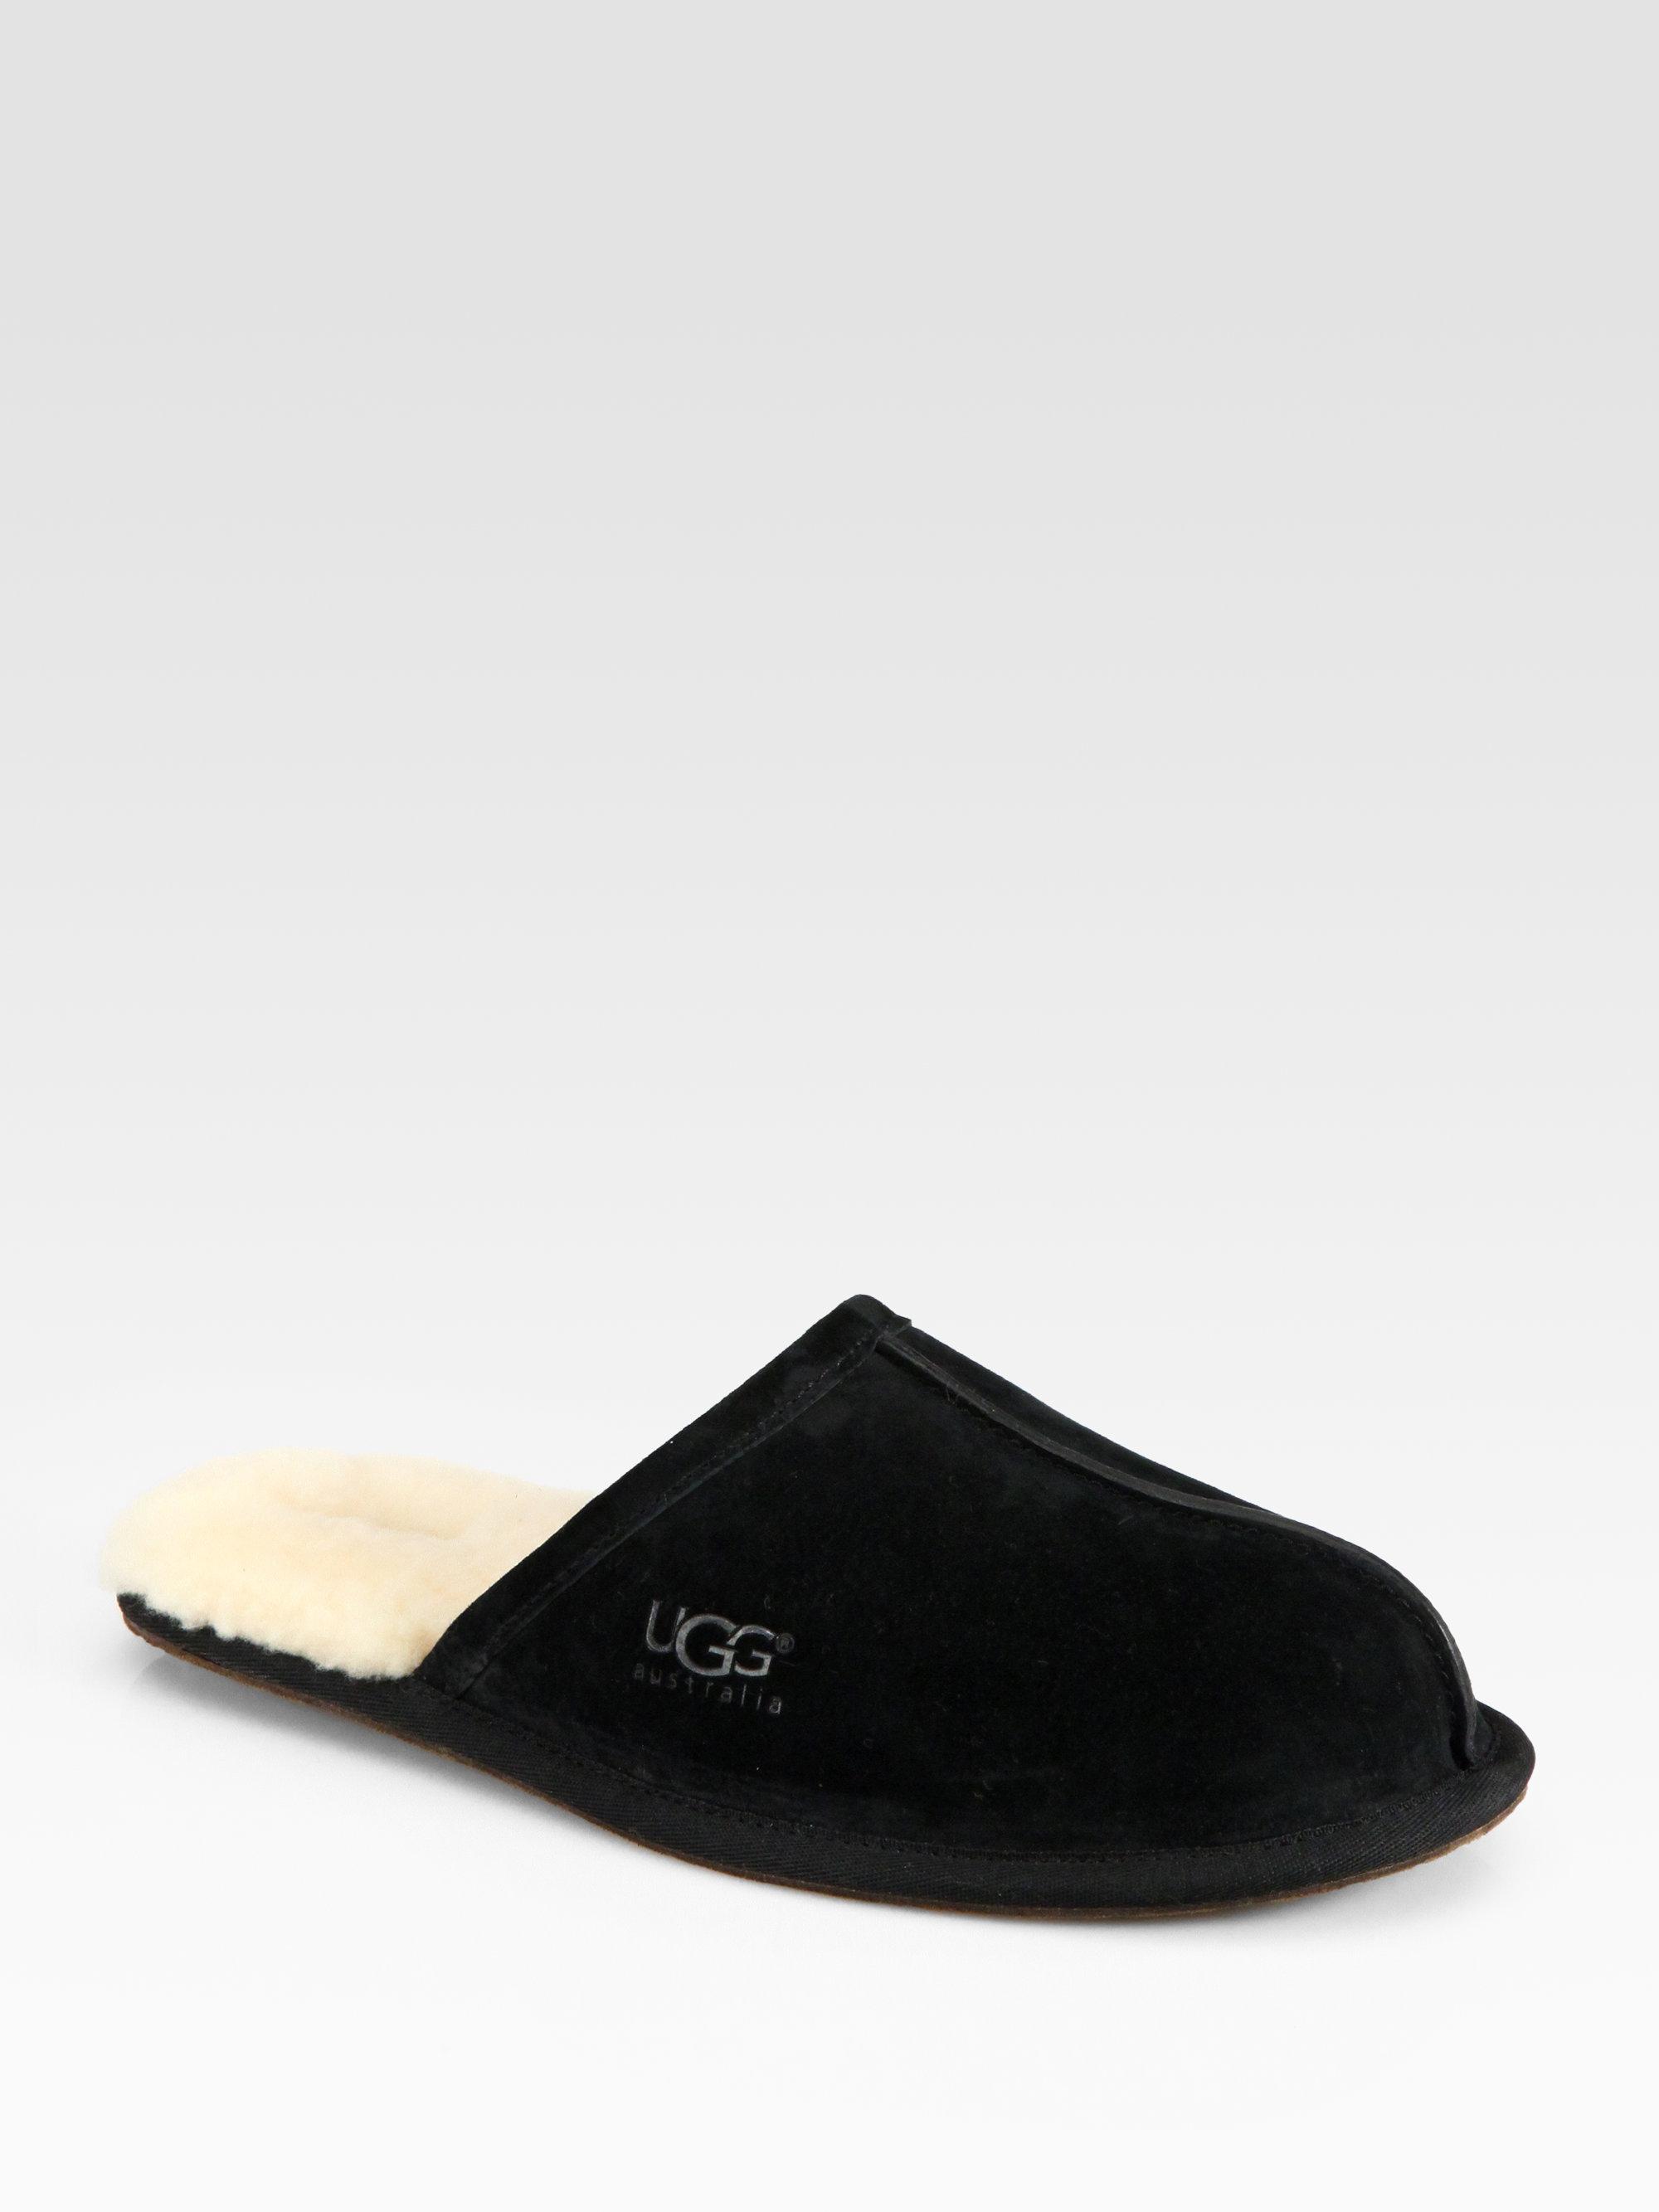 b88404bb5e2 Mens Black Ugg Slippers - cheap watches mgc-gas.com